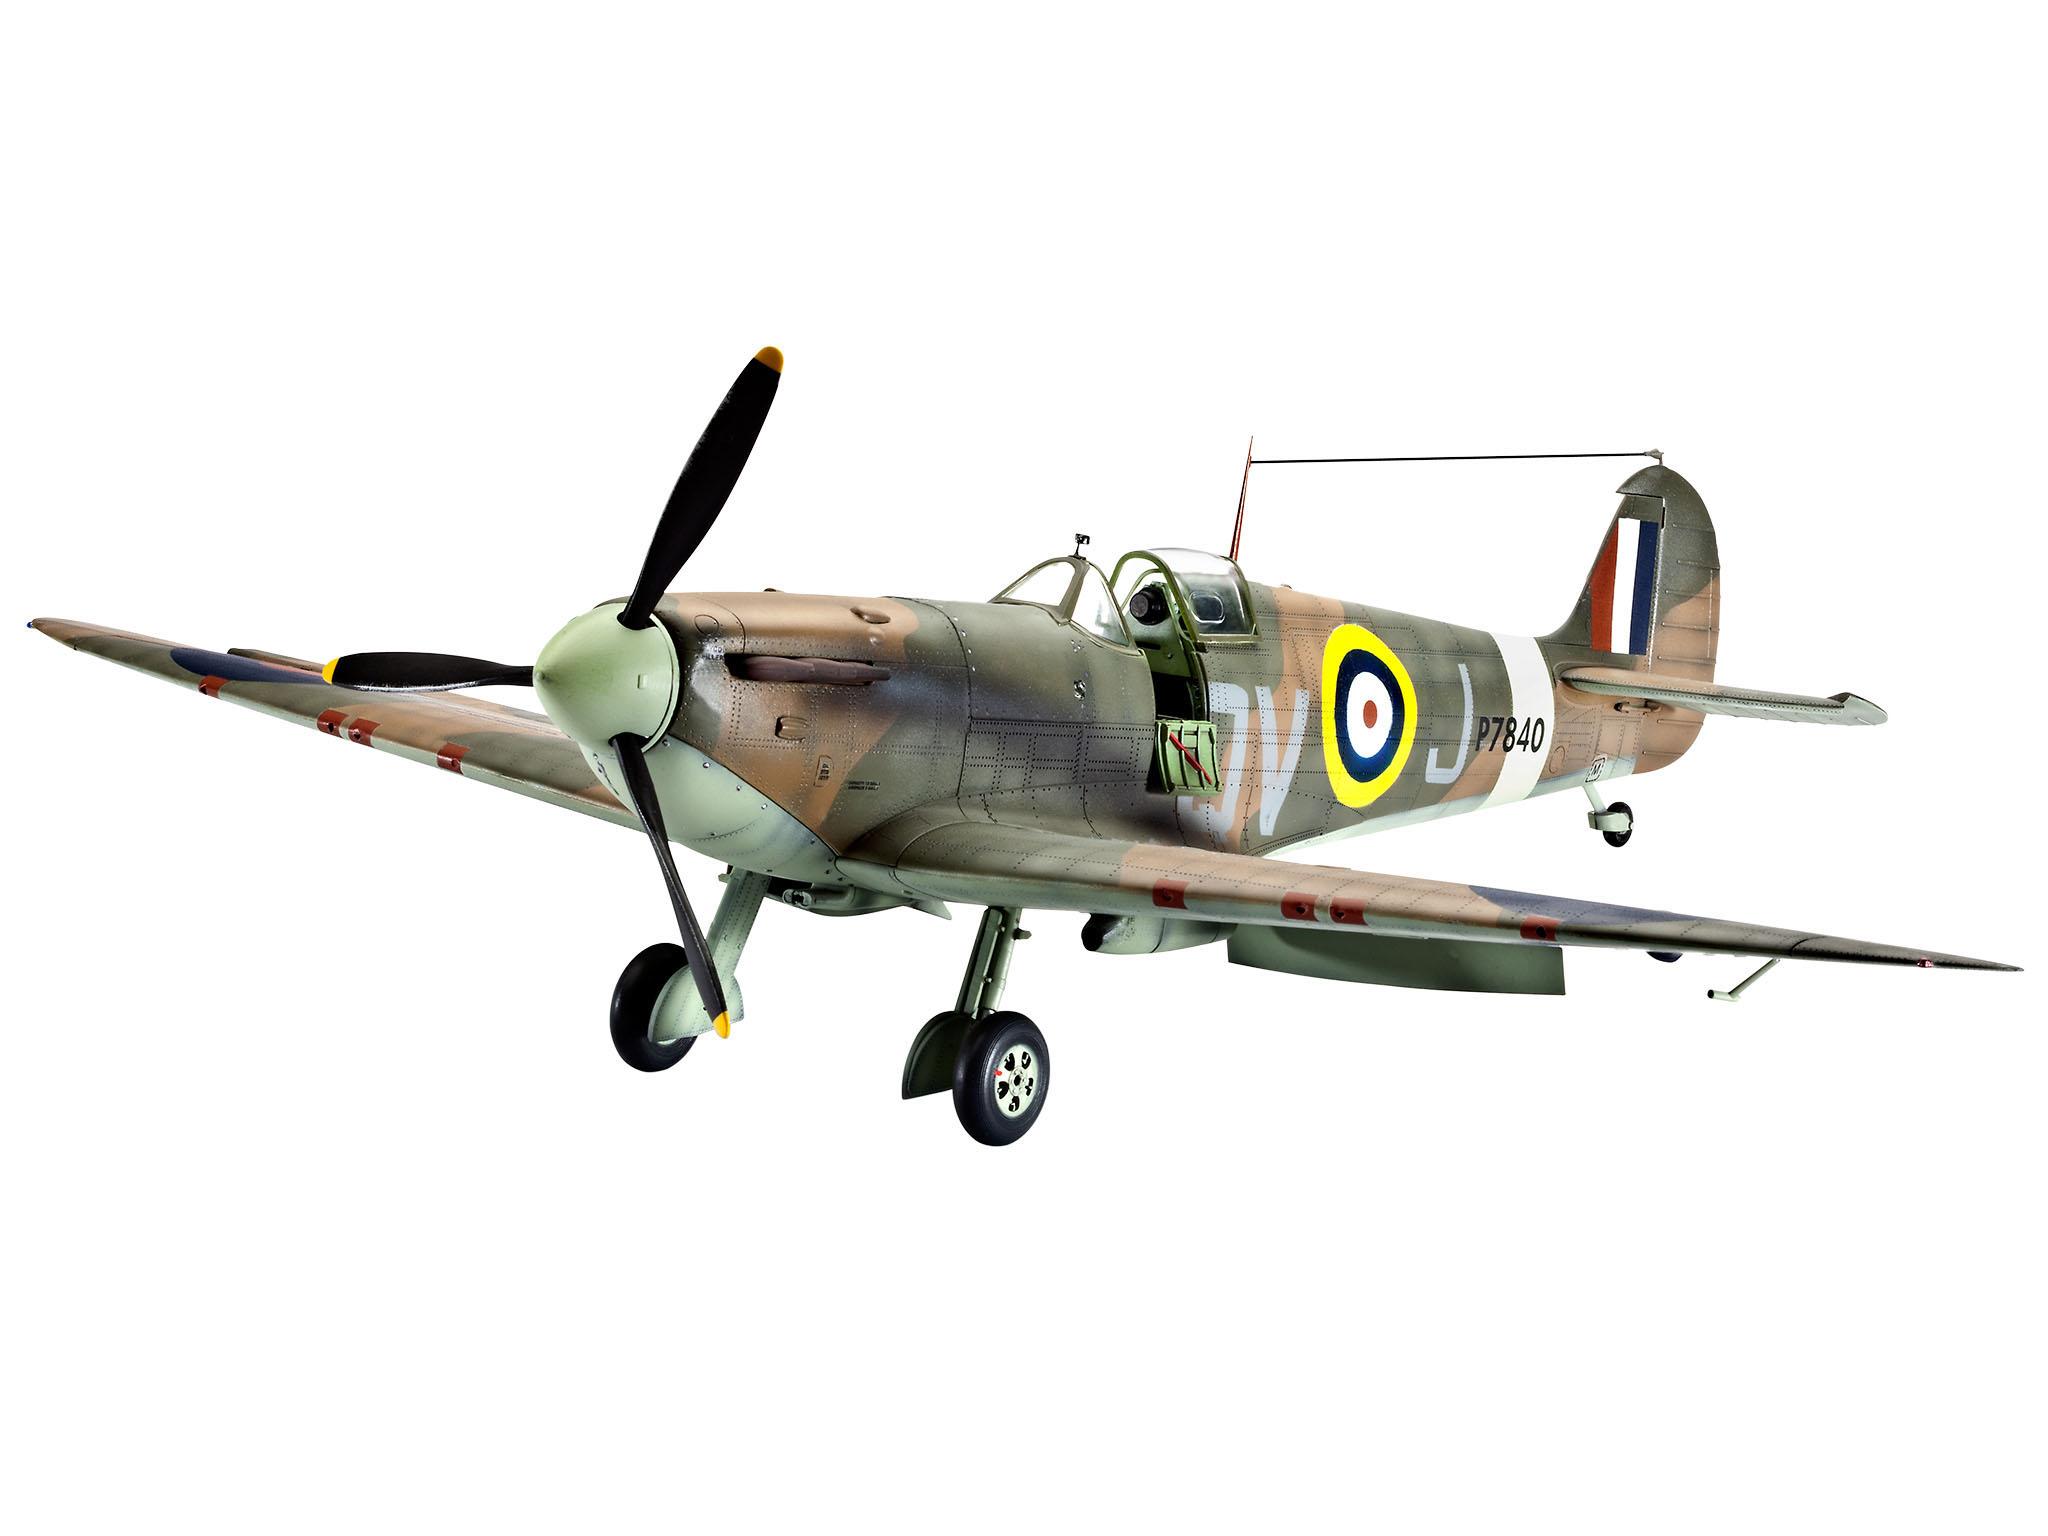 Купить Самолет истребитель спитфайэр mk ii, британский времен второй мировой войны, Revell, Модели для сборки